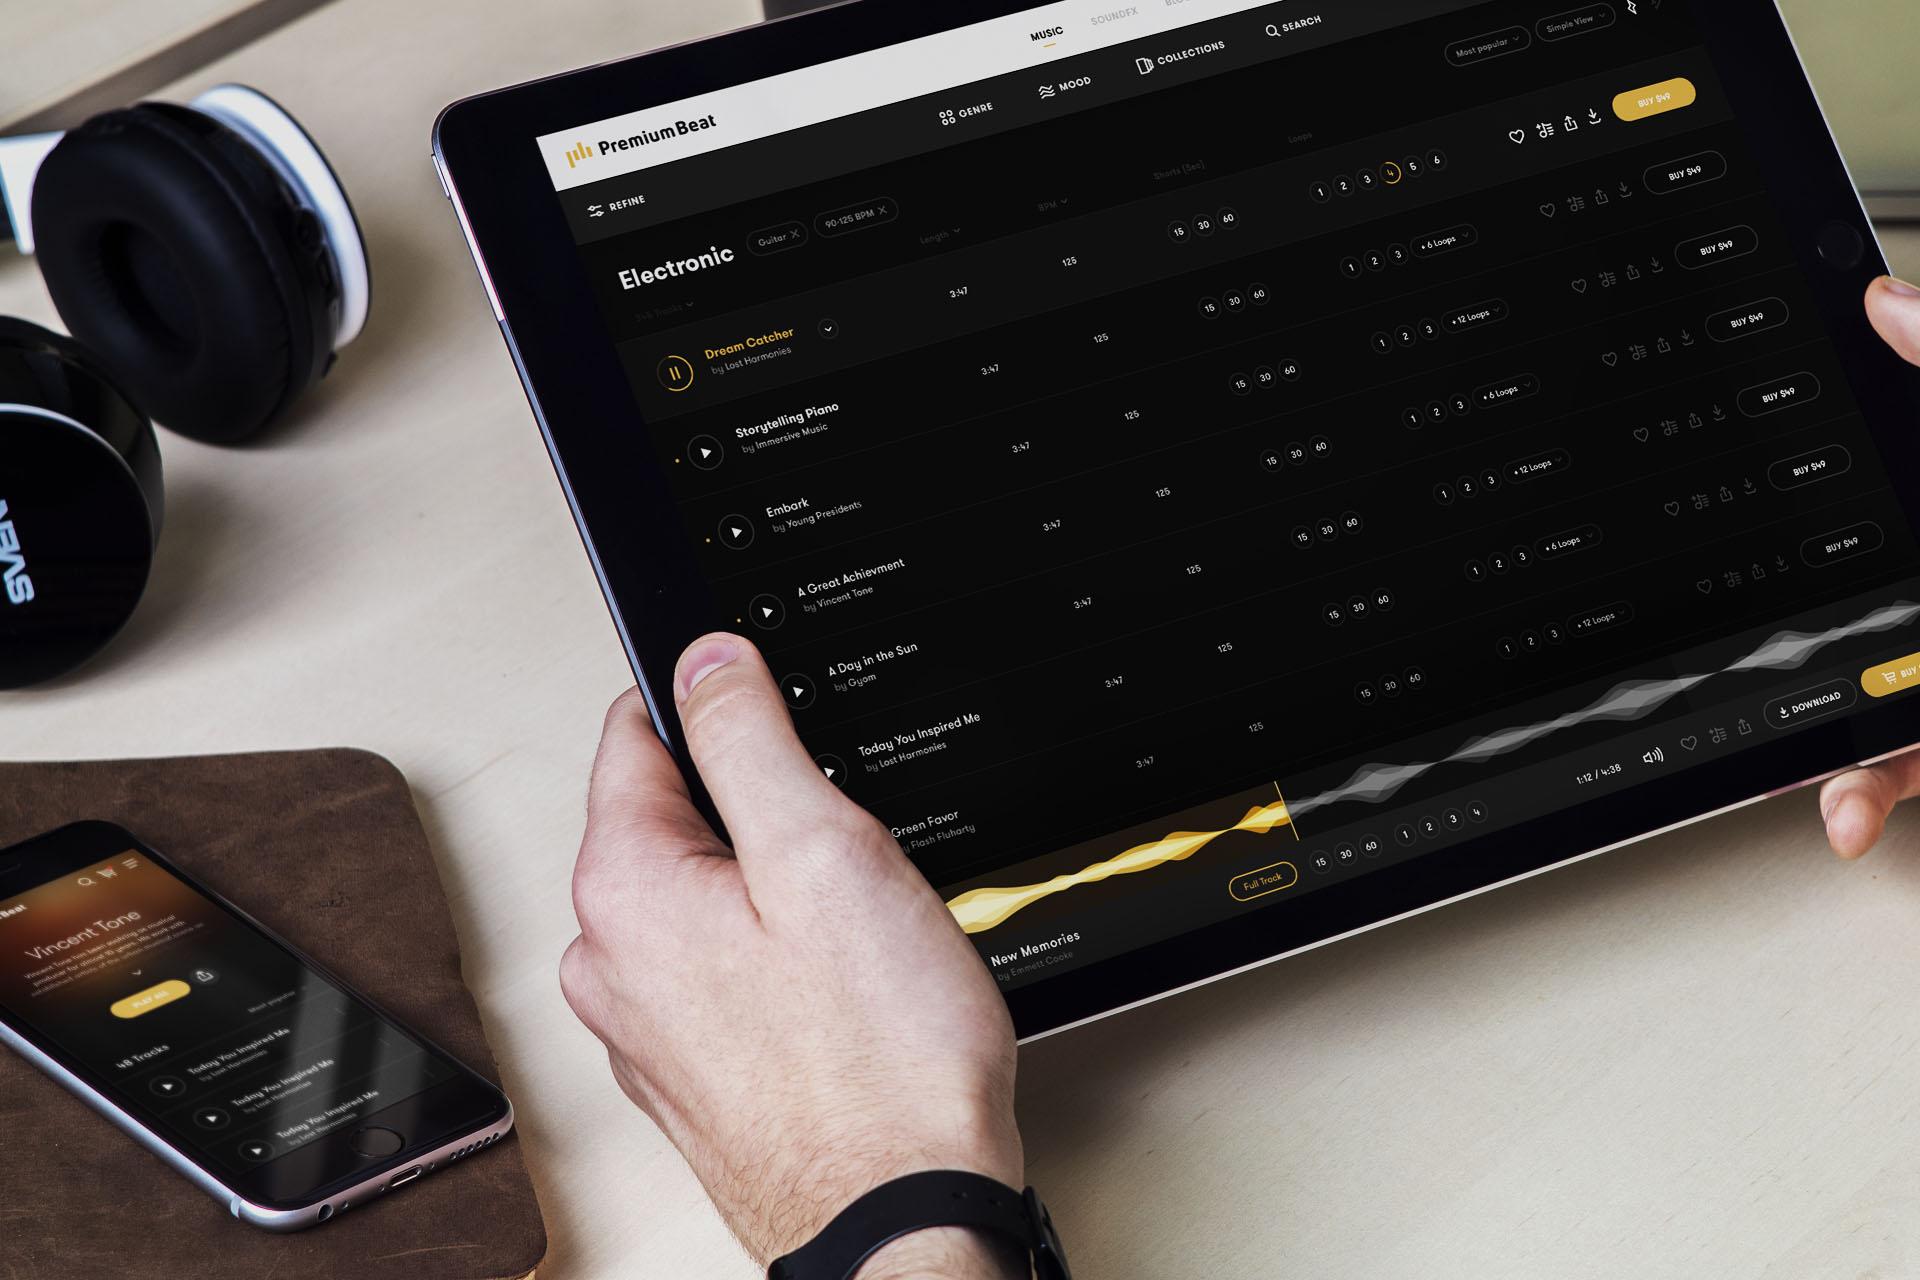 pb-site-iPadResultPage